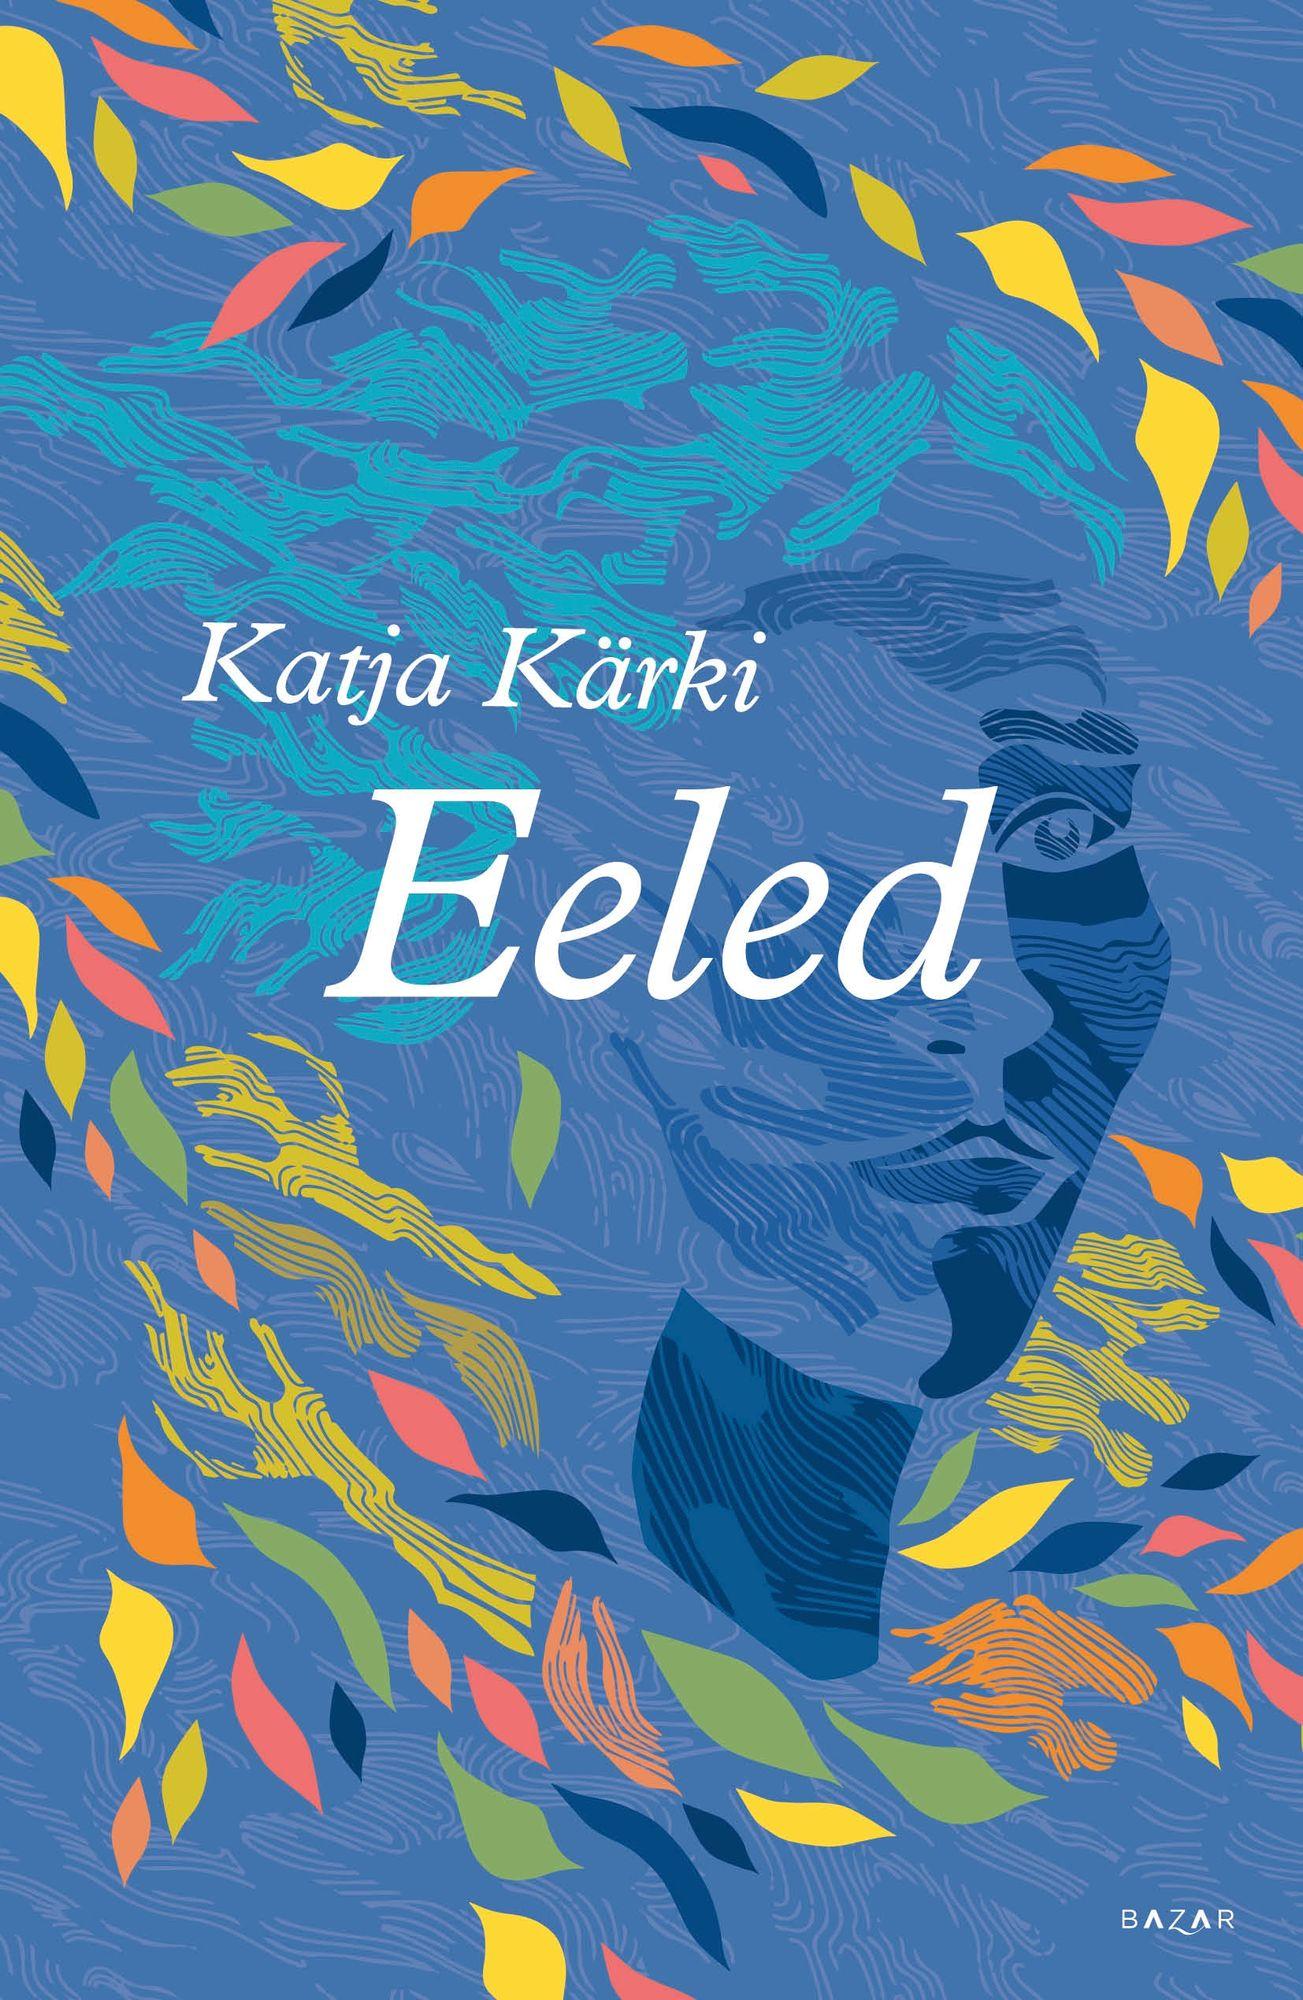 Katja Kärjen toinen romaani kertoo kahdesta naisesta, joita yhdistää muun muassa tavoittamaton rakkaus. © Bazar